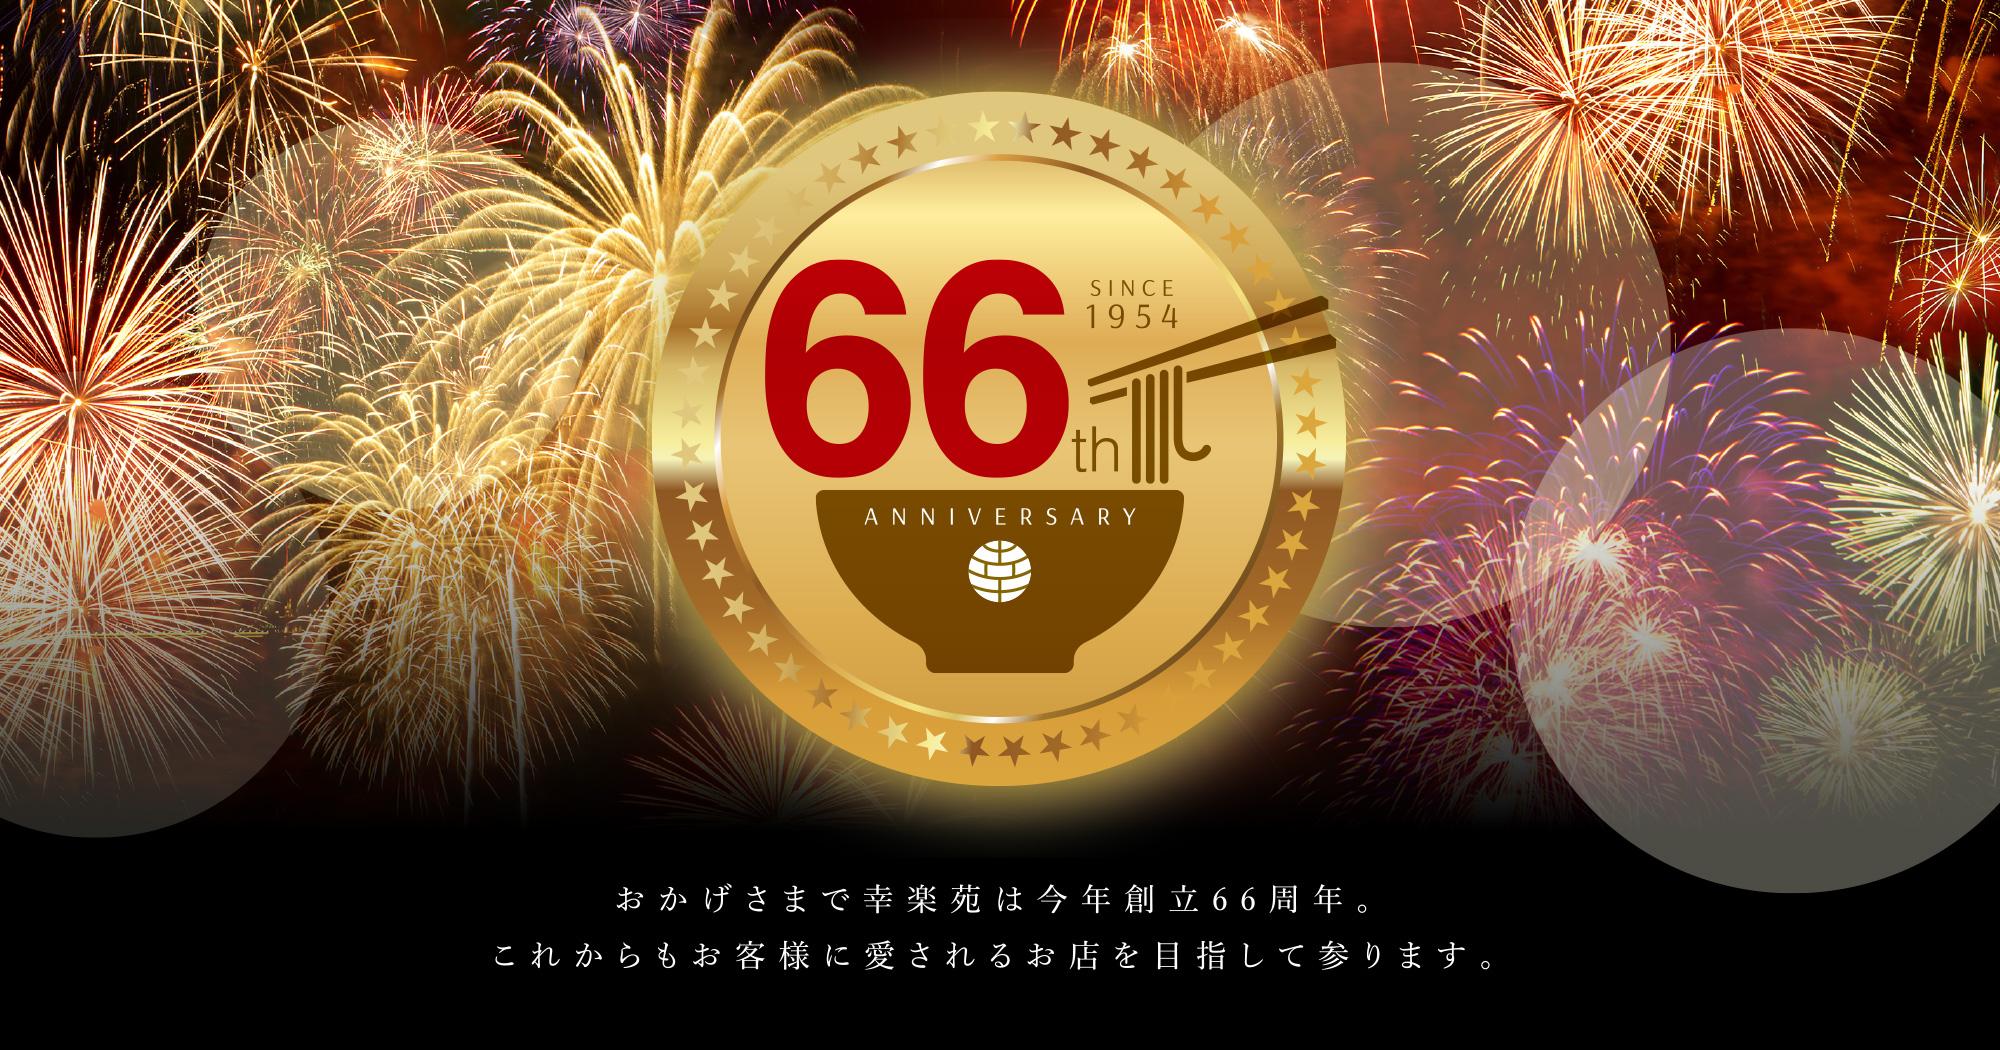 おかげさまで幸楽苑は今年創立66周年。これからもお客様に愛されるお店を目指して参ります。